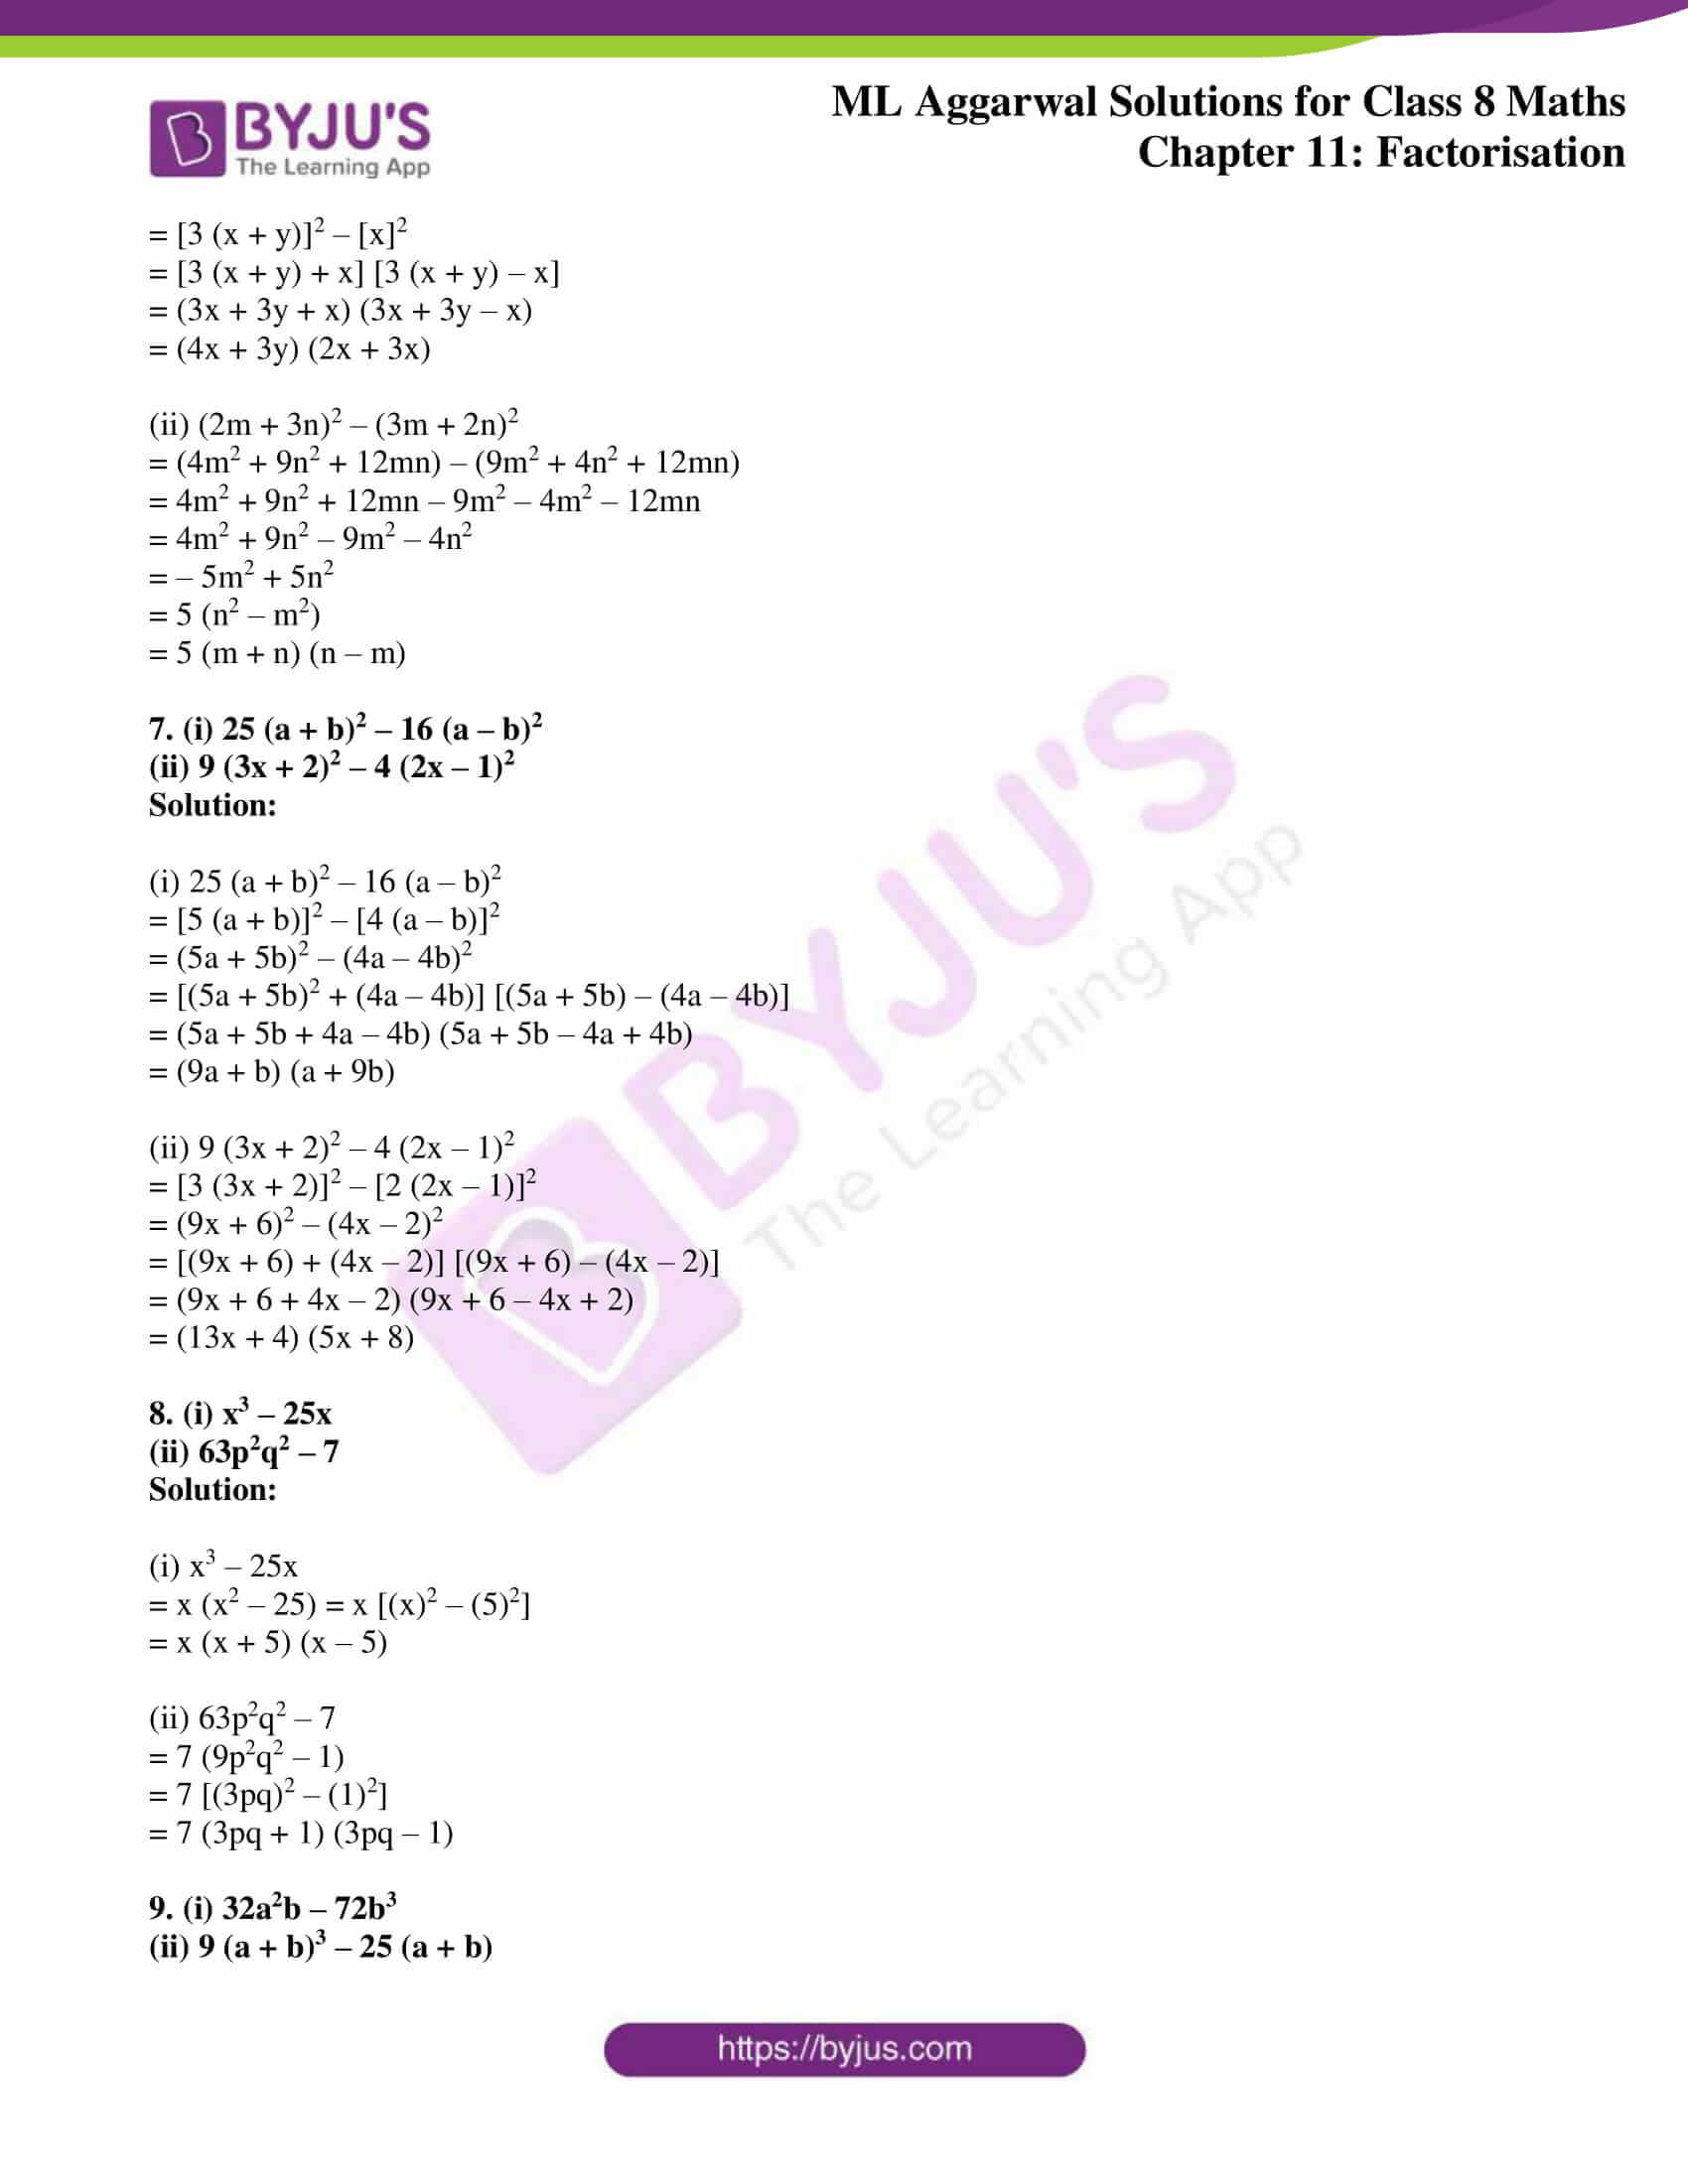 ml aggarwal sol mathematics class 8 ch 11 09